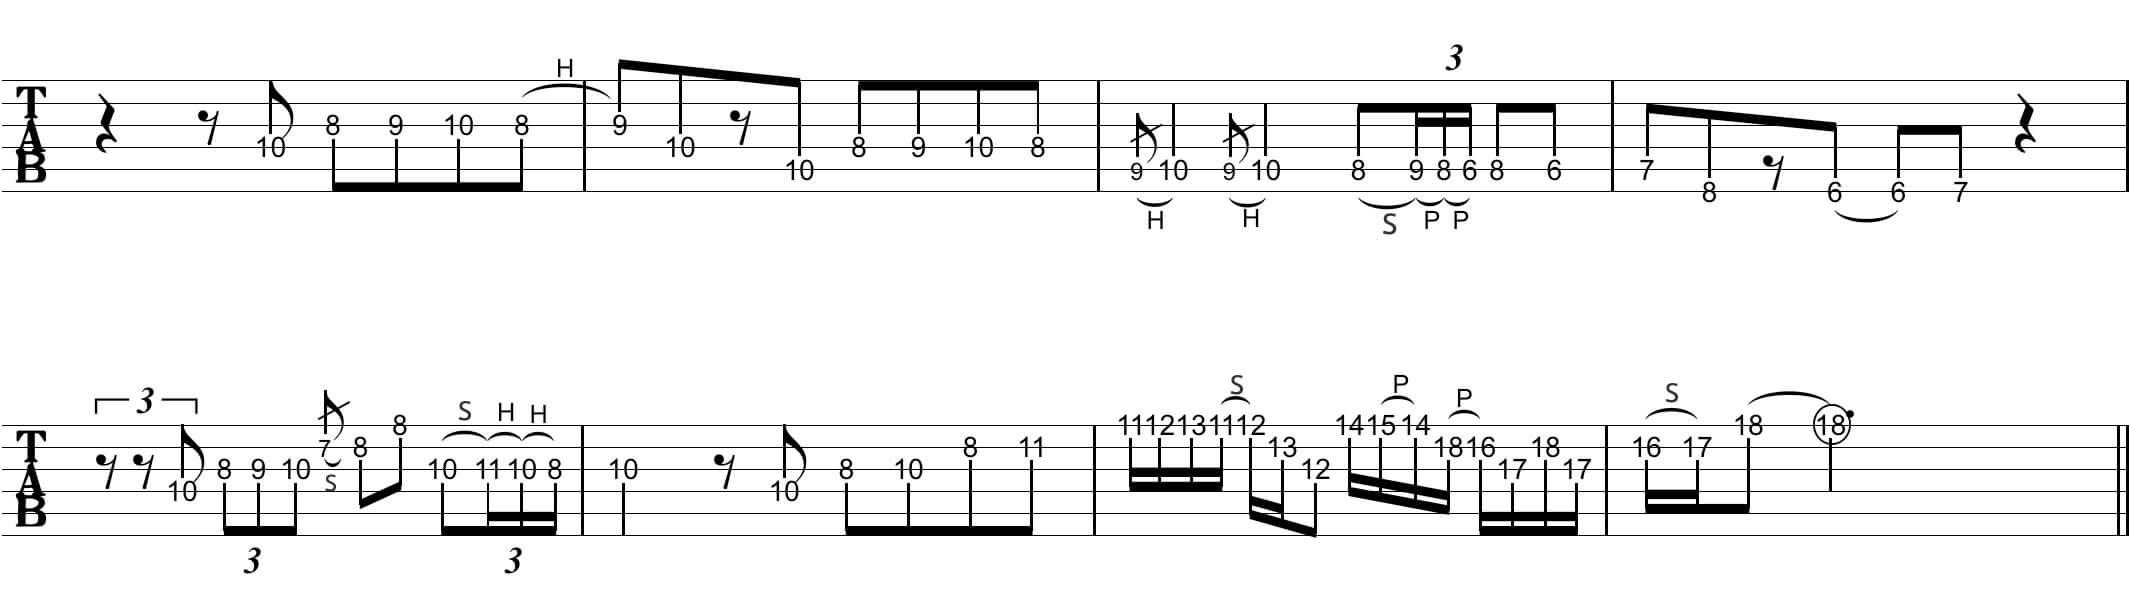 ブルーノートスケール:Tab譜